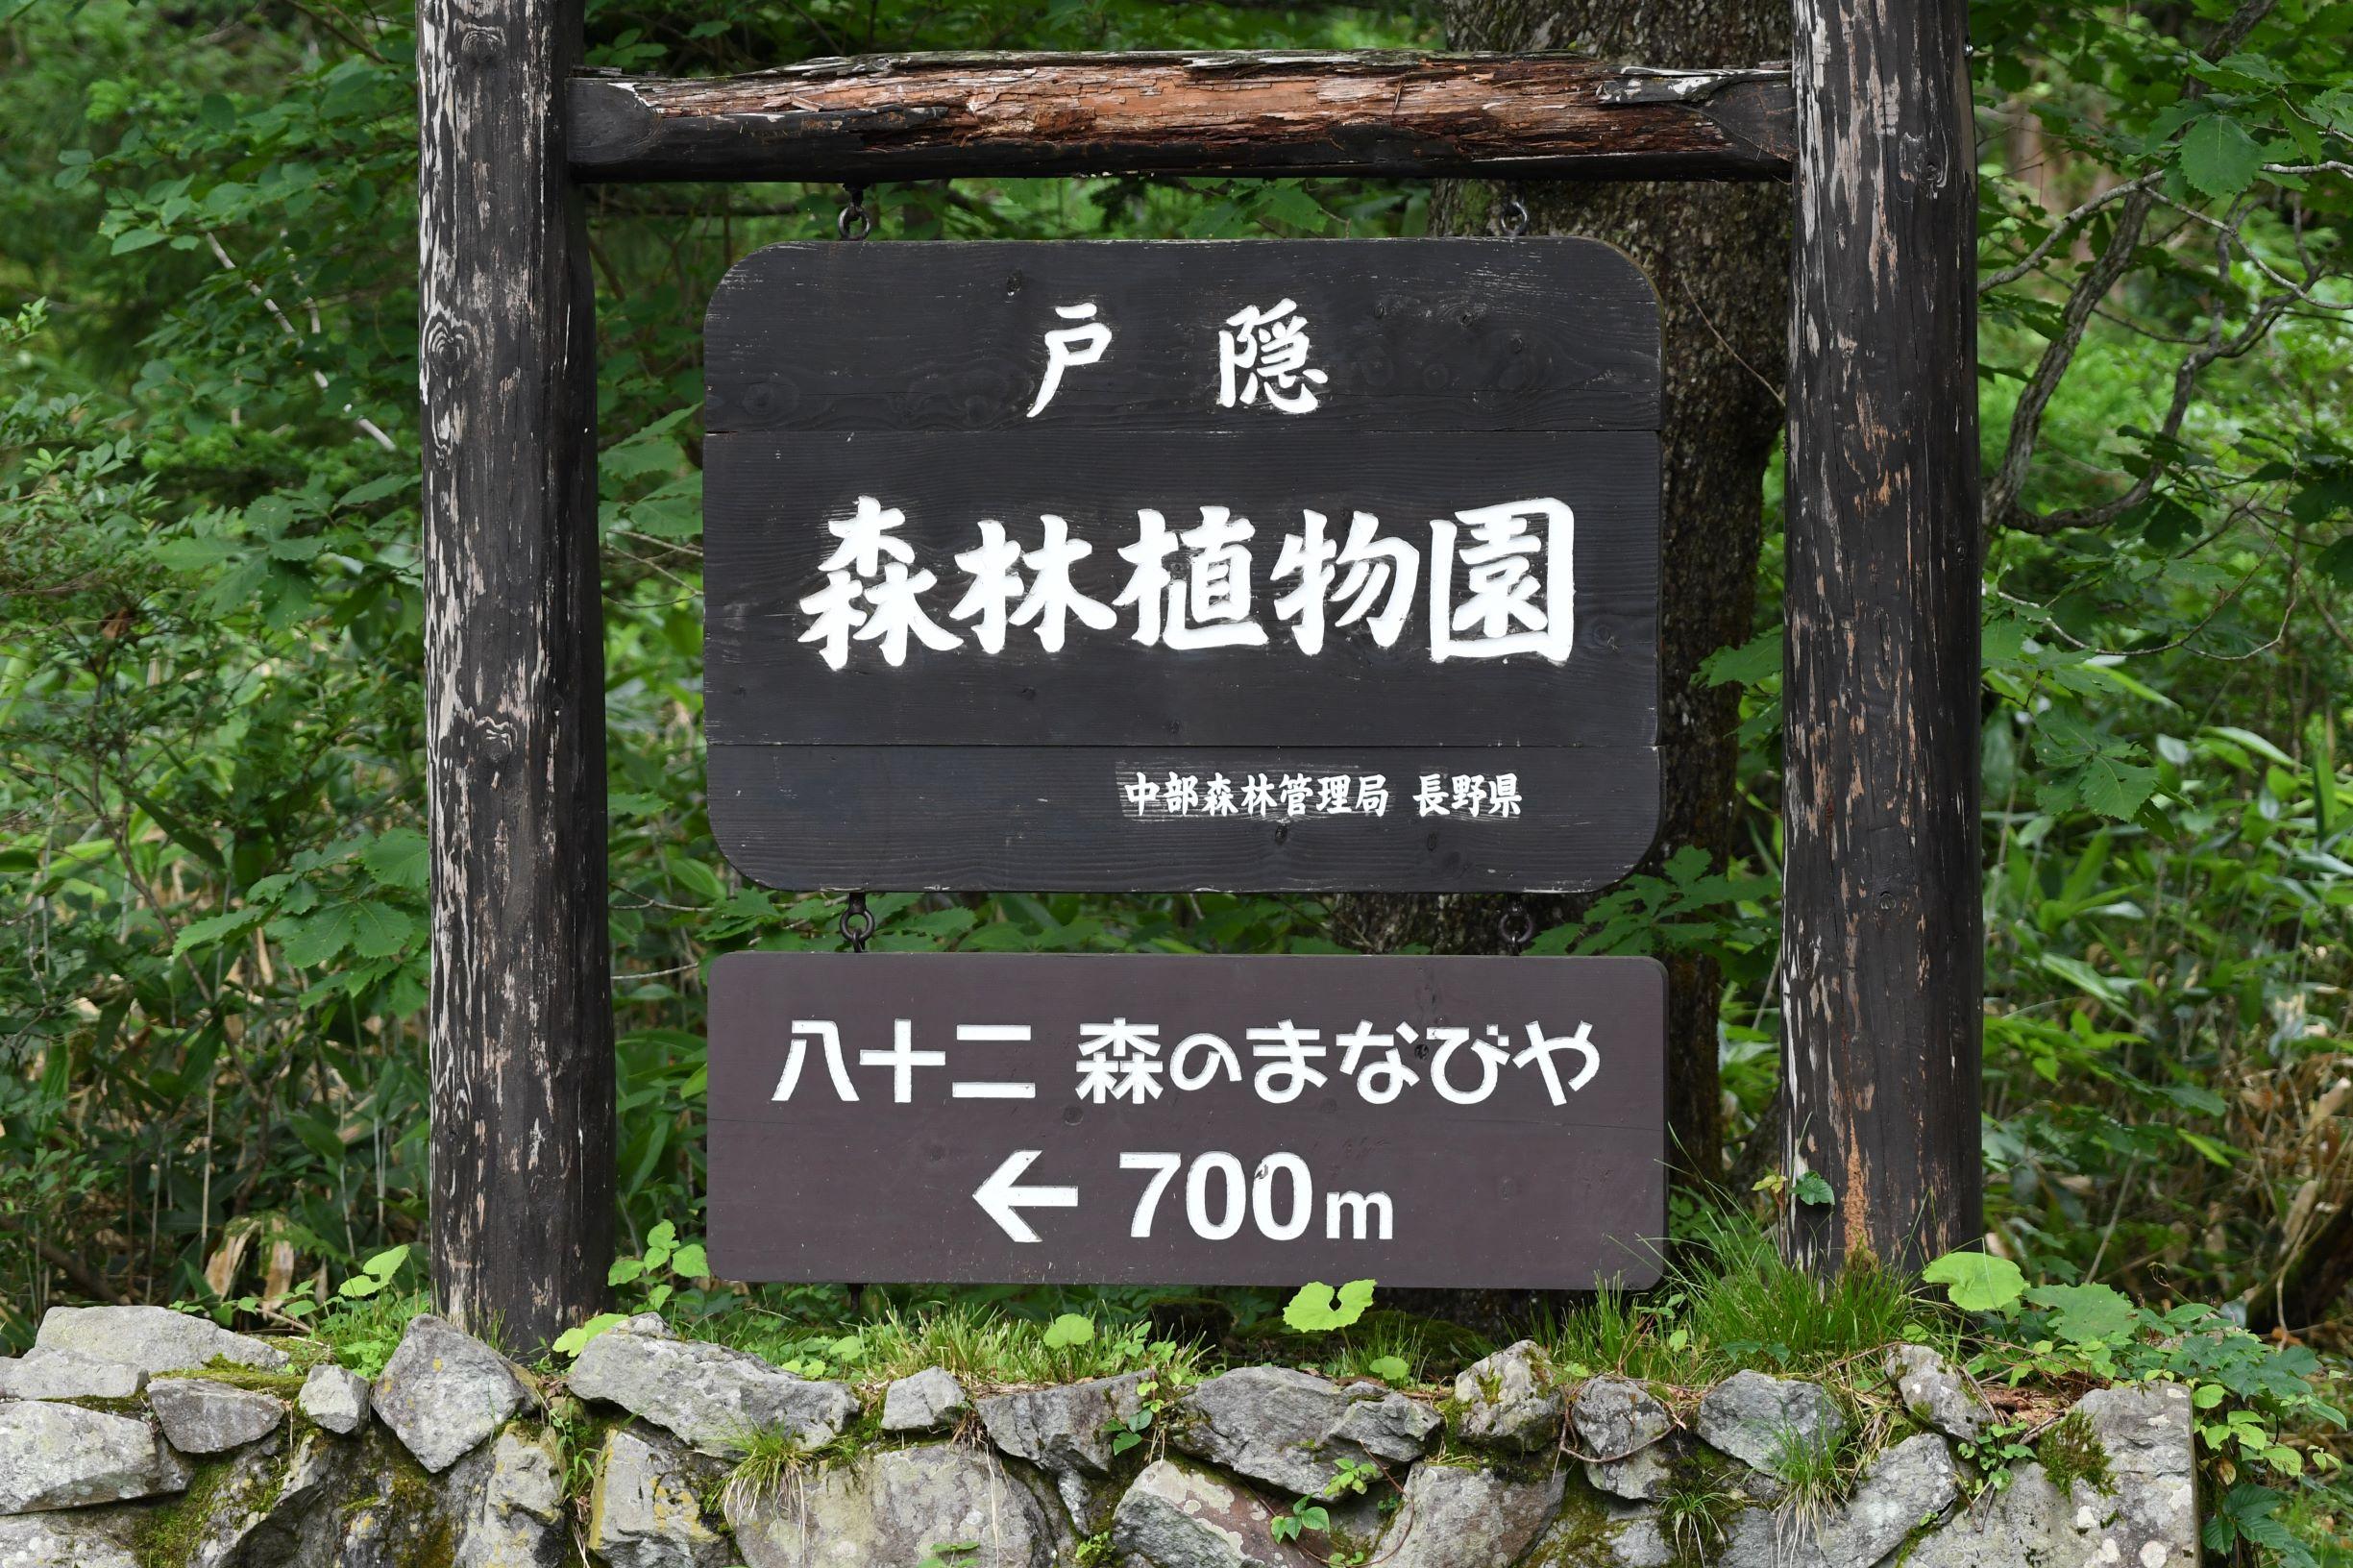 信州長野 戸隠森林植物園に行って撮影してきました